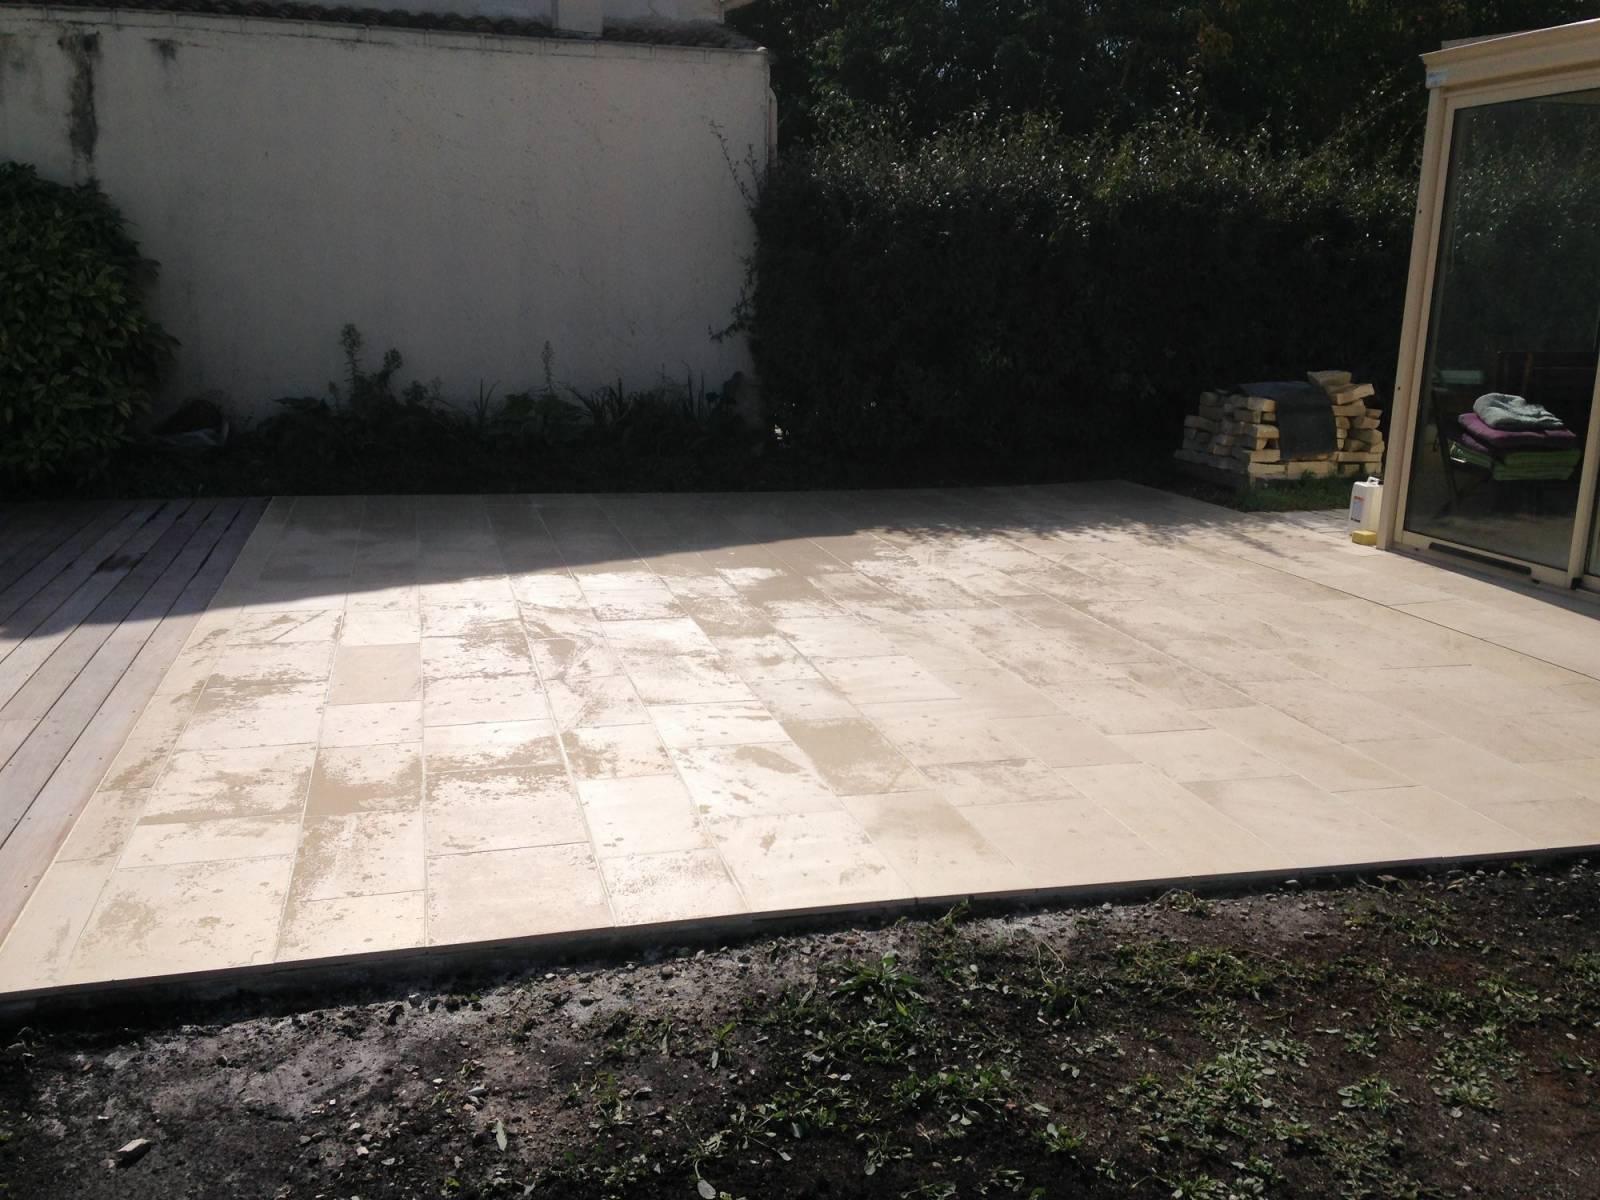 paysagiste pour r alisation de terrasses ma onn es sainte h l ne am nagement de jardin par. Black Bedroom Furniture Sets. Home Design Ideas